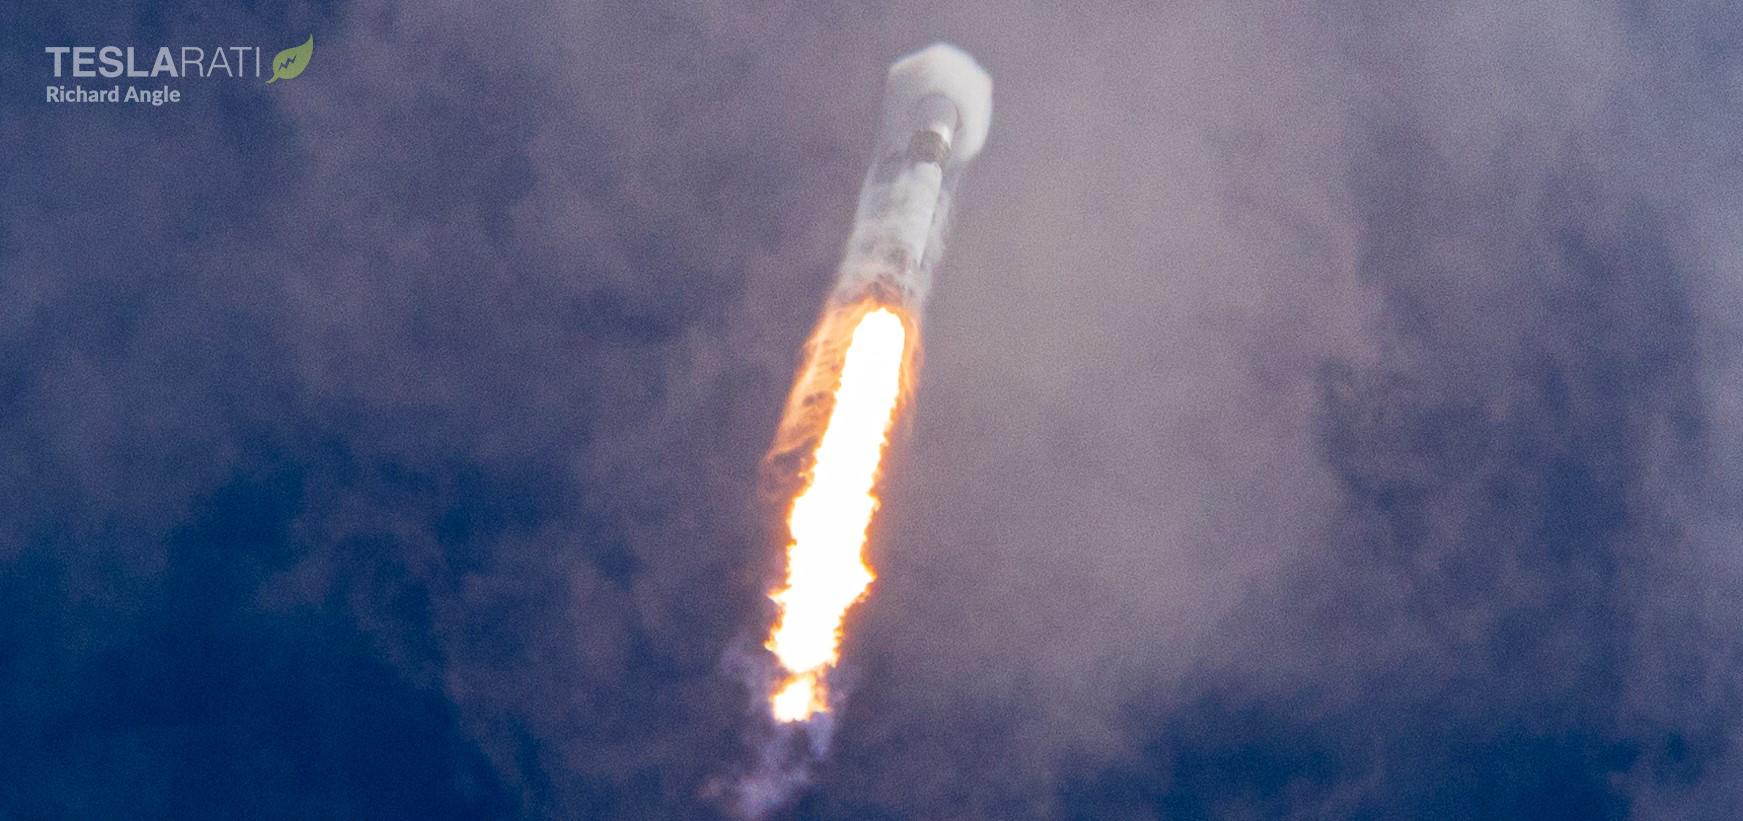 Даблхедер SpaceX Falcon 9 все еще готов к работе после аварийного прерывания запуска ULA